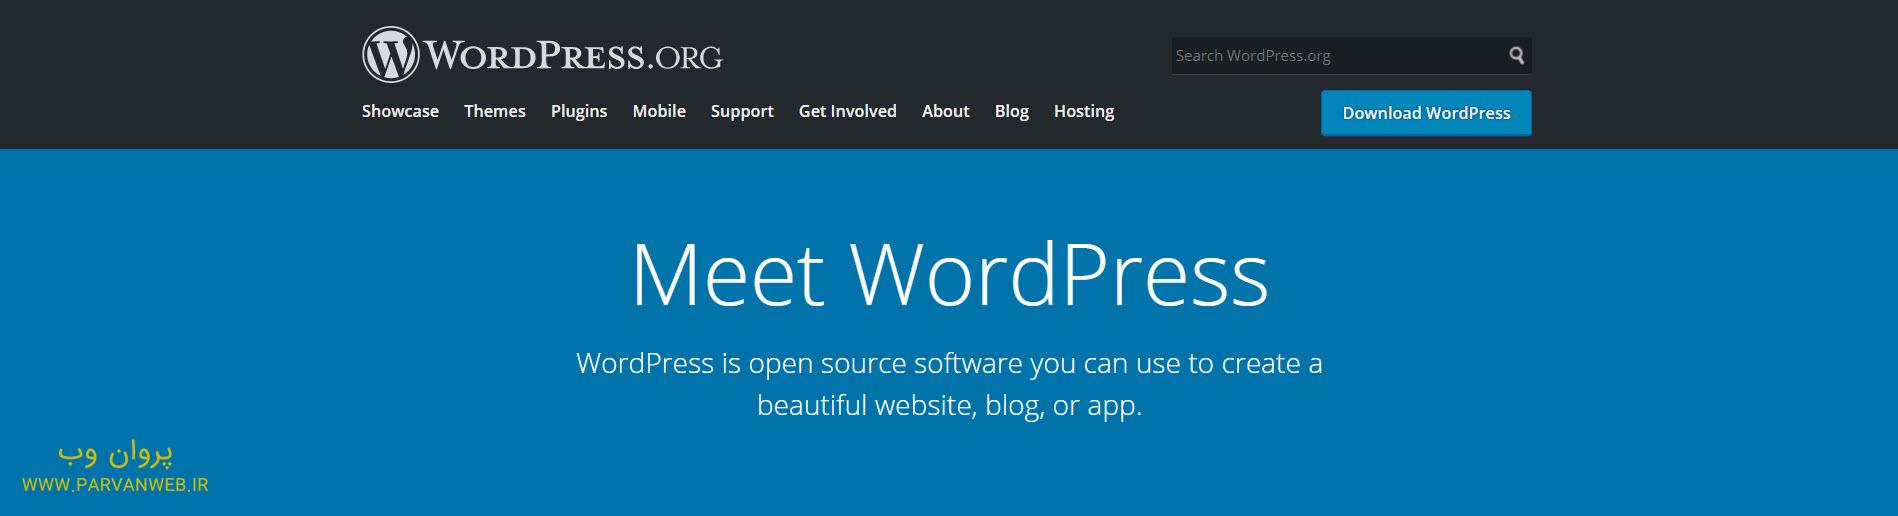 WordPress - ویبلی چیست ؟ مقایسه امکانات وردپرس با امکانات ویبلی - قسمت اول